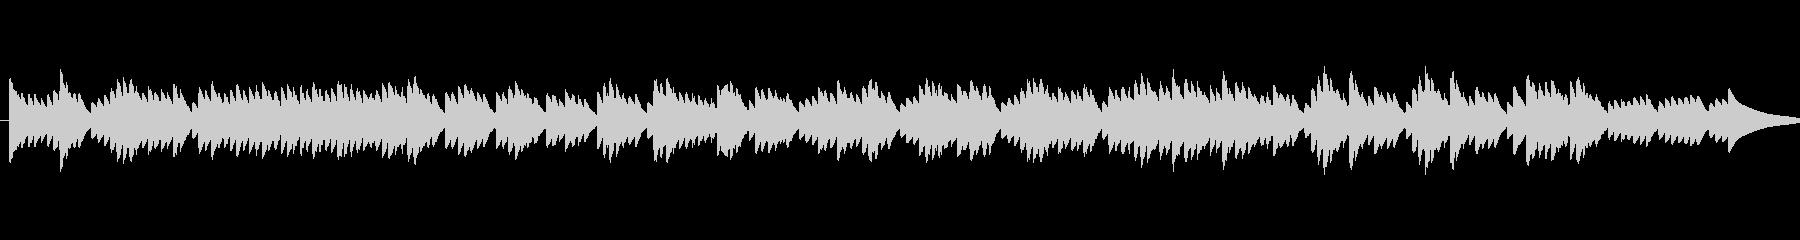 ヴィヴァルディの「四季」冬のオルゴールの未再生の波形